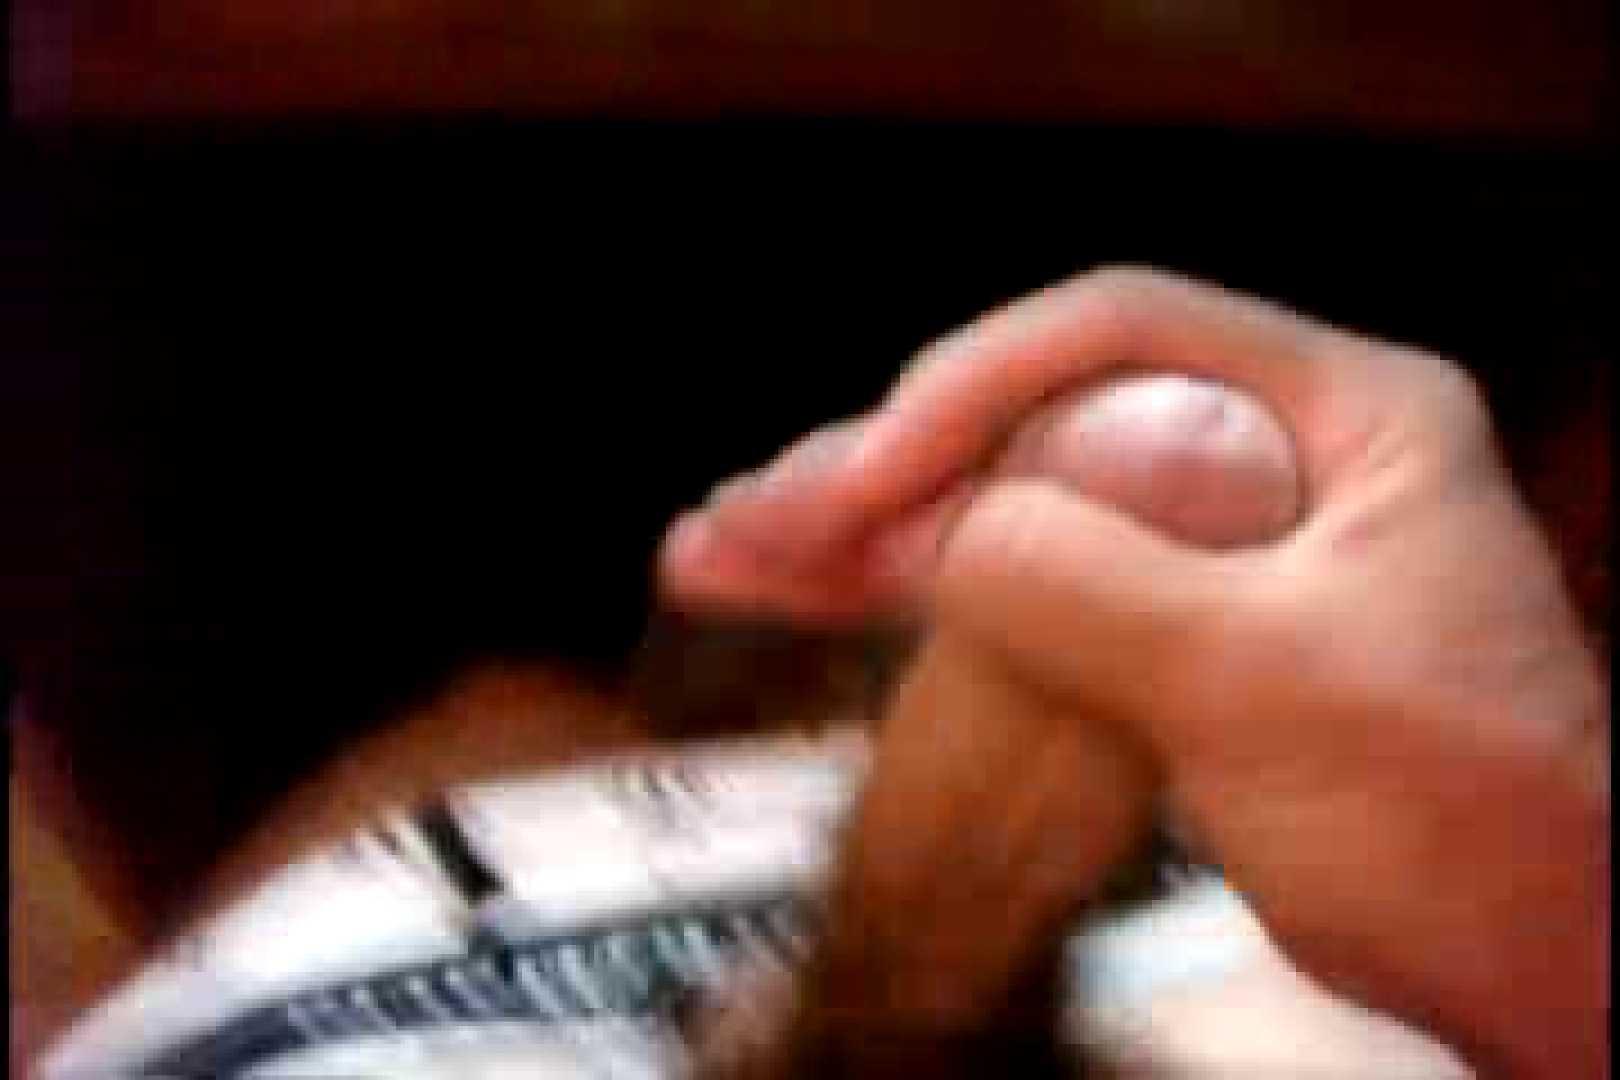 オナ好きノンケテニス部員の自画撮り投稿vol.04 ノンケまつり 男同士動画 108枚 4